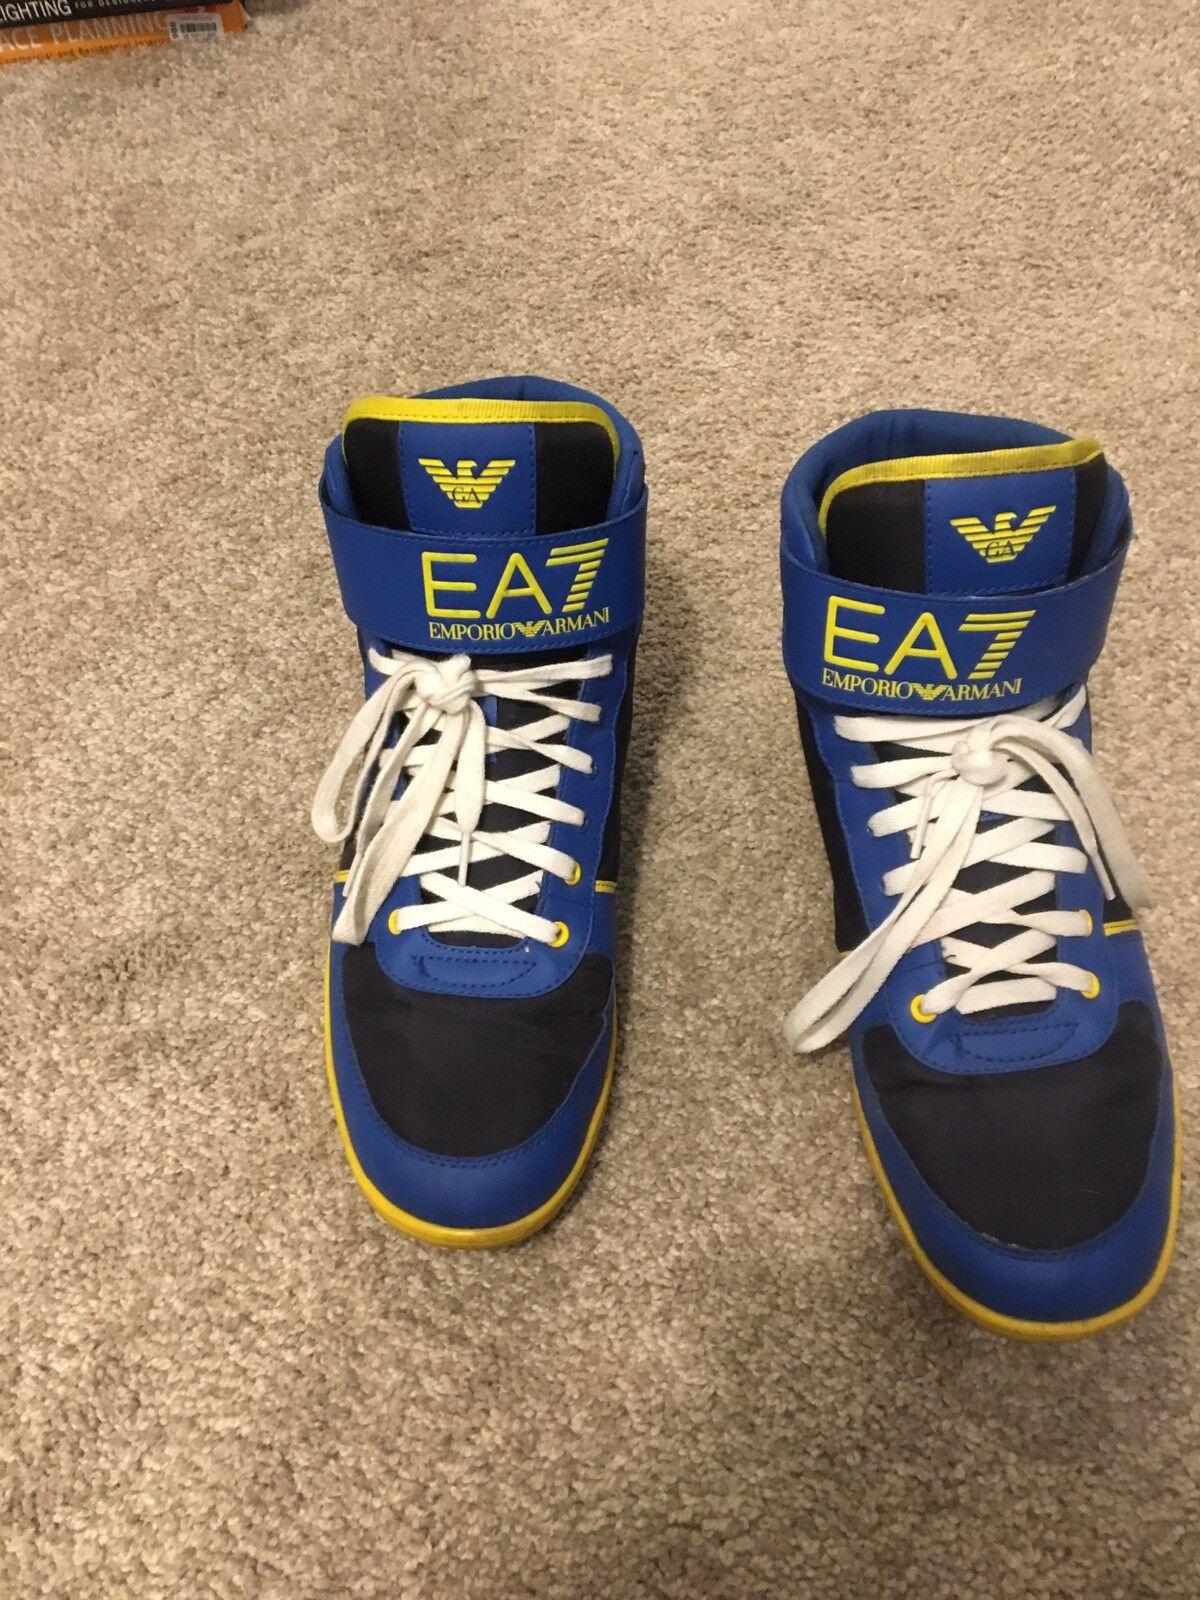 Emporio Armani shoes 44 10.5